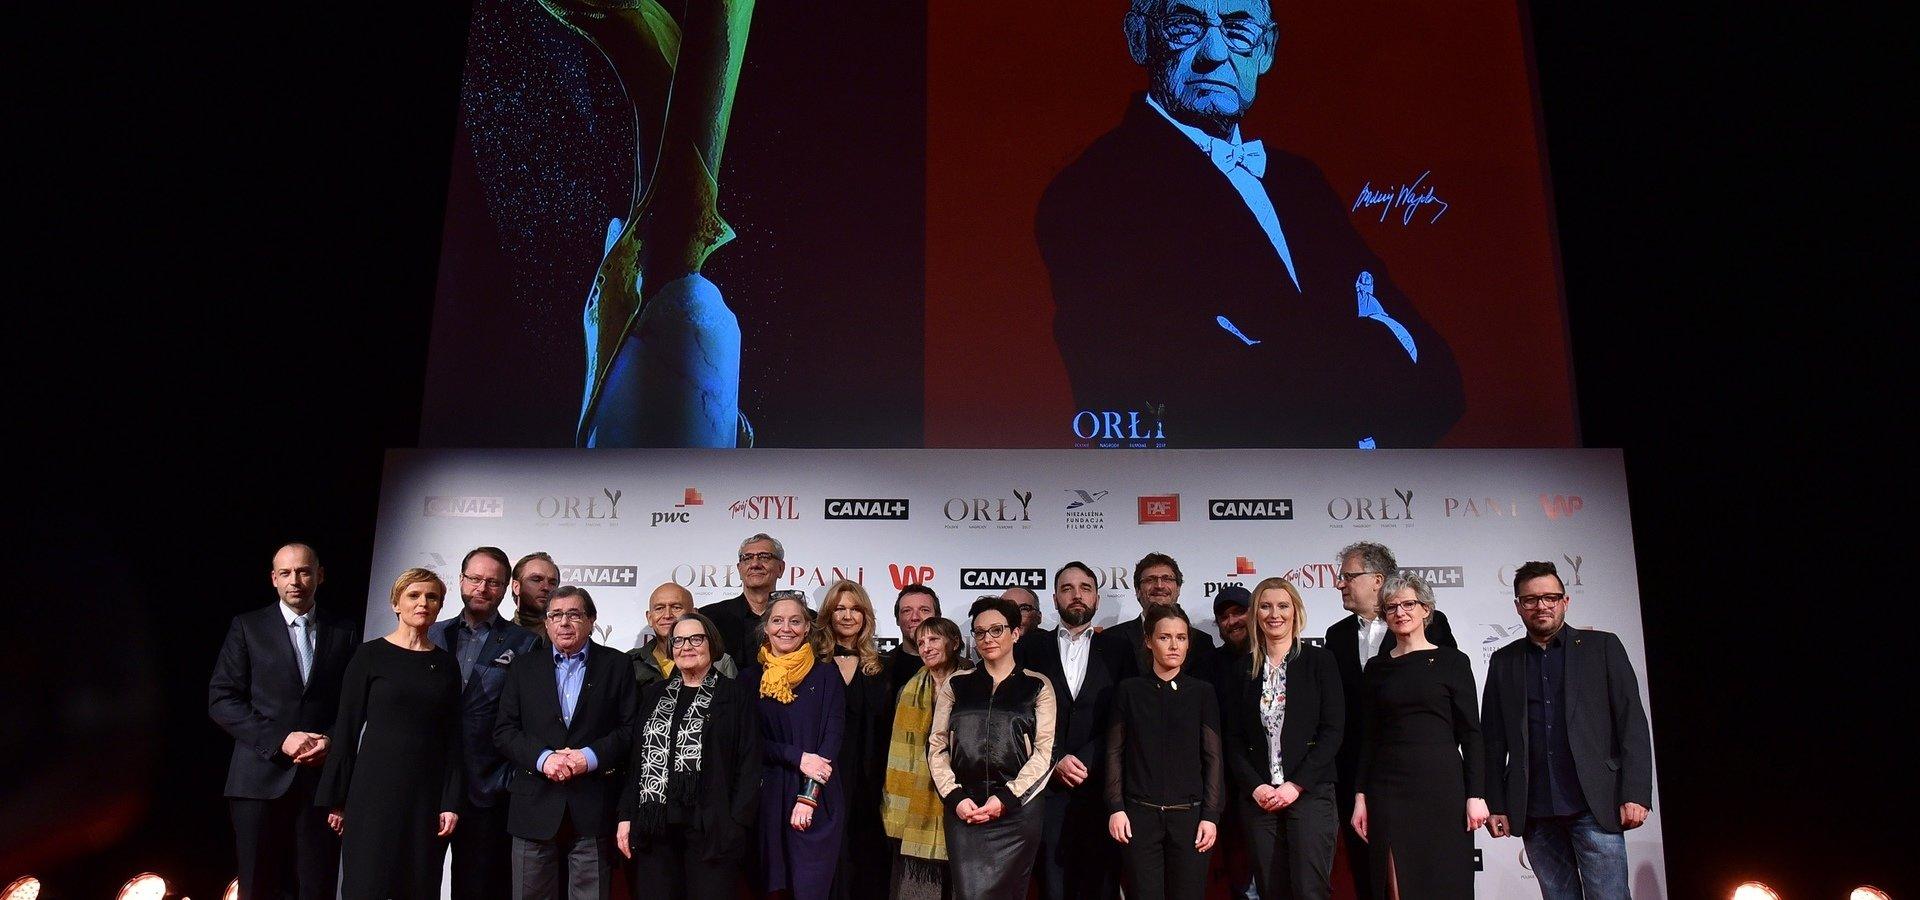 CANAL+ oficjalnym nadawcą ceremonii wręczenia Polskich Nagród Filmowych Orły 2017